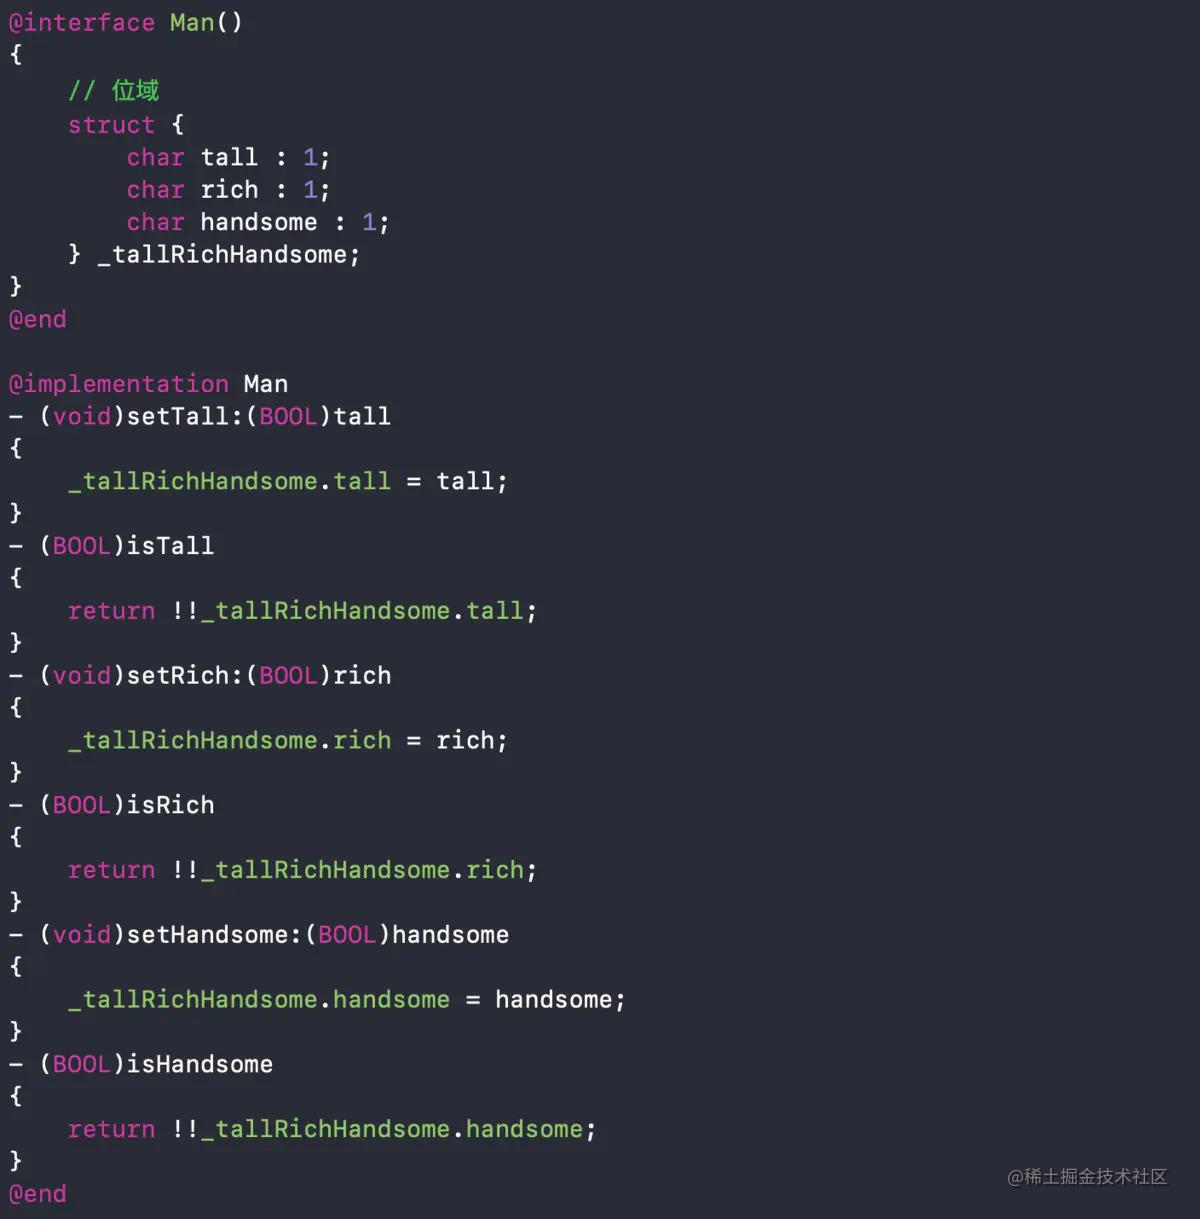 使用位域优化后的代码